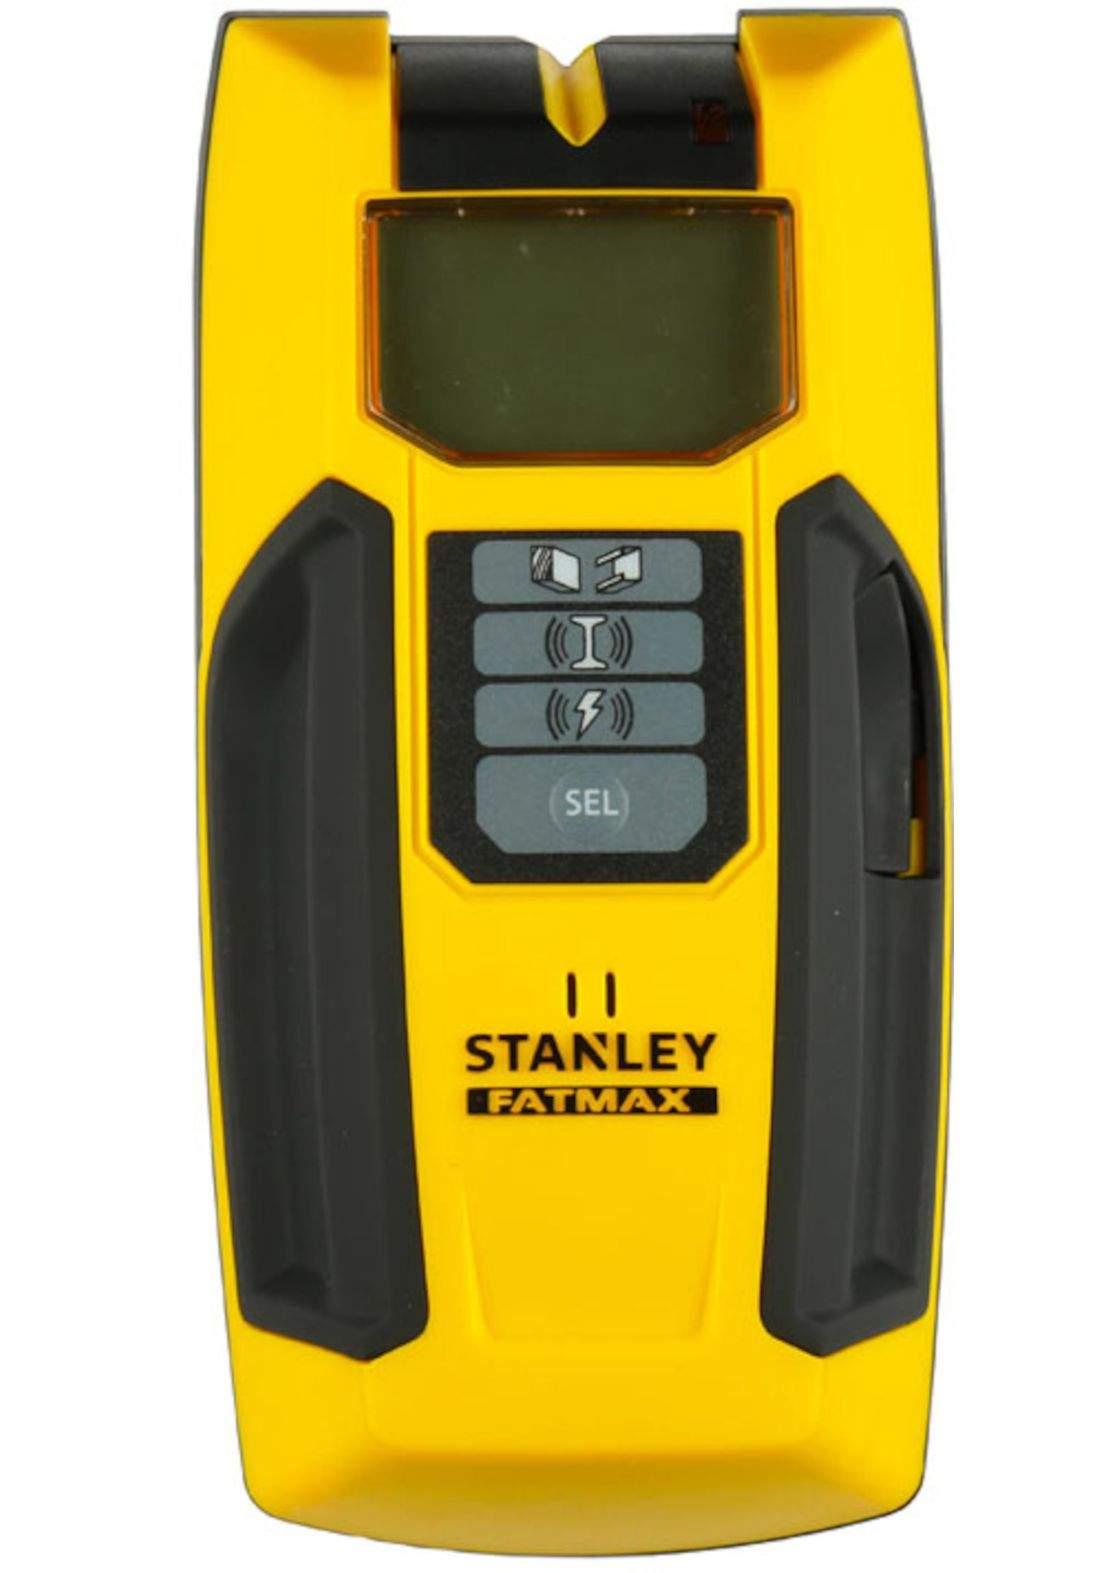 Stanley FMHT0-77407 Material Detector S300 جهاز استشعار التيار